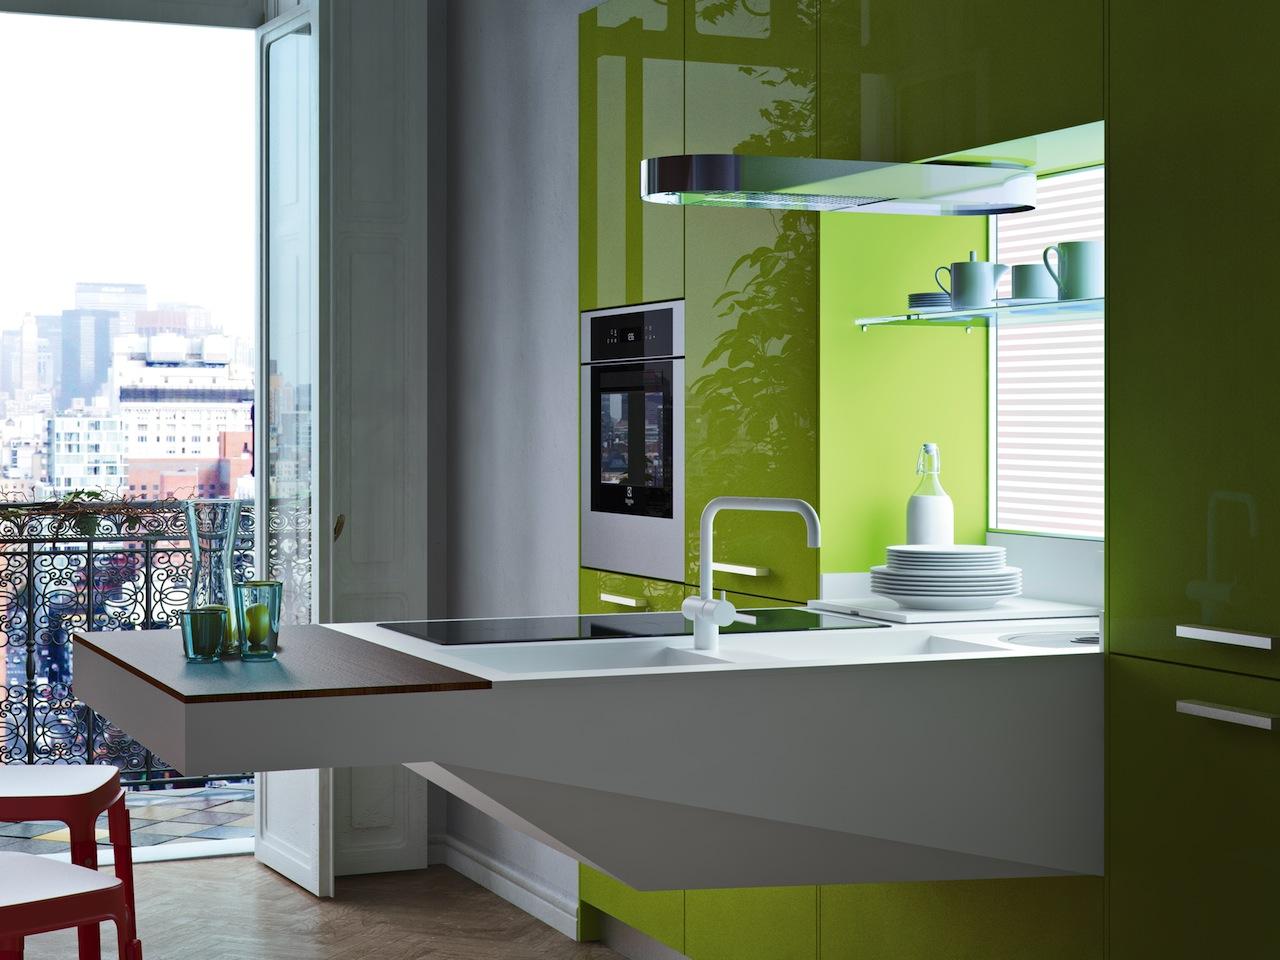 Durf te wonen met kleur - Nieuws Startpagina voor Interieur en ...